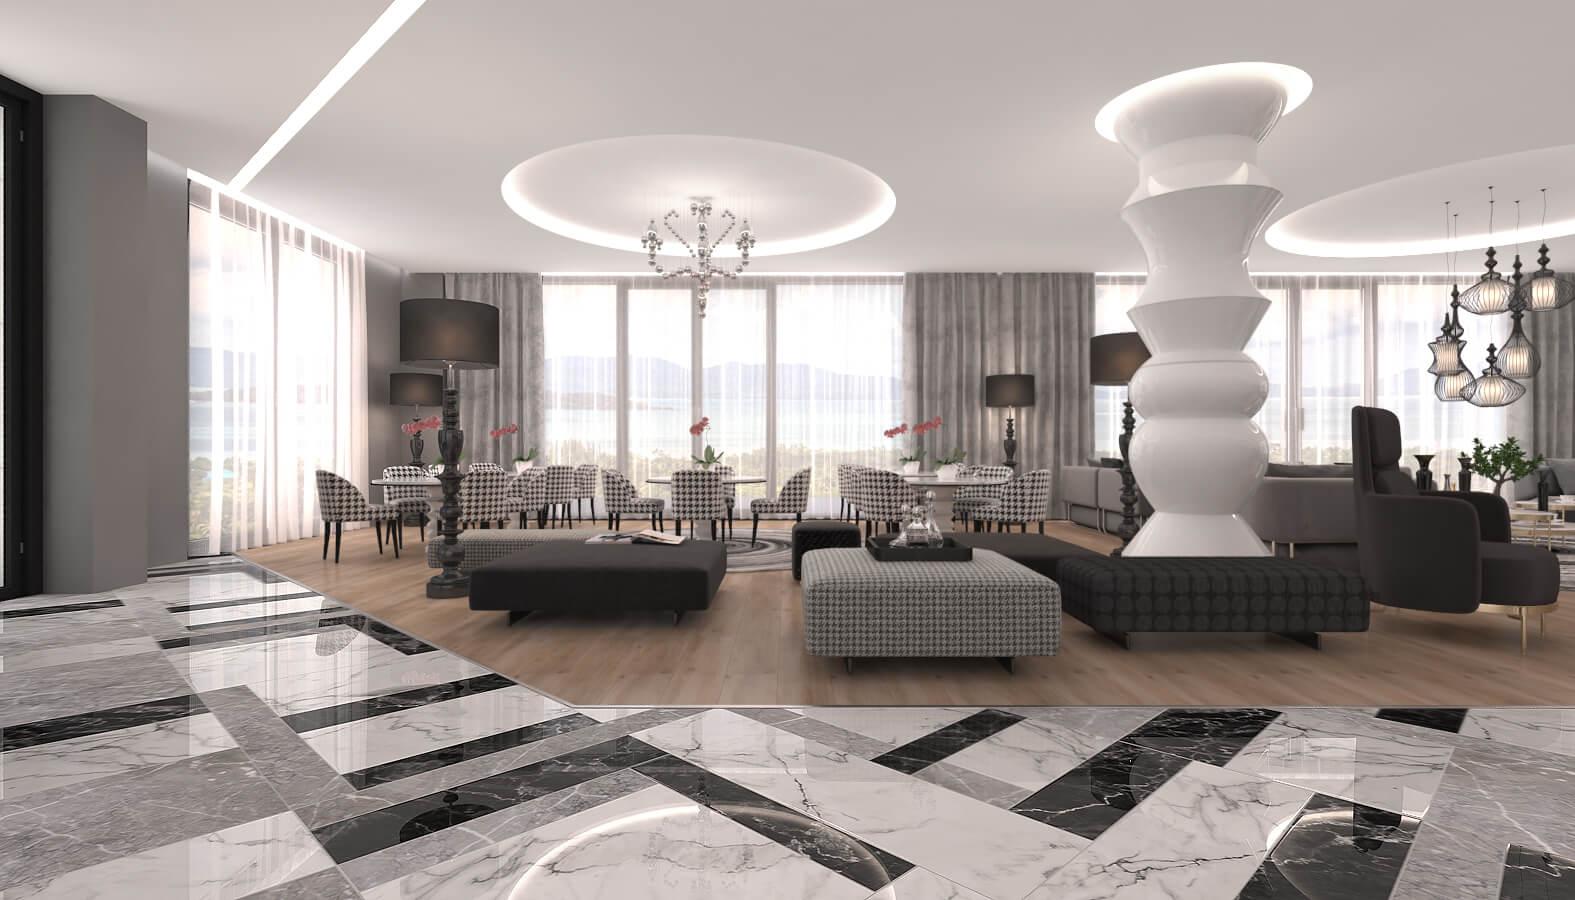 hotel architect 3586 Dogruer hotel Hotels